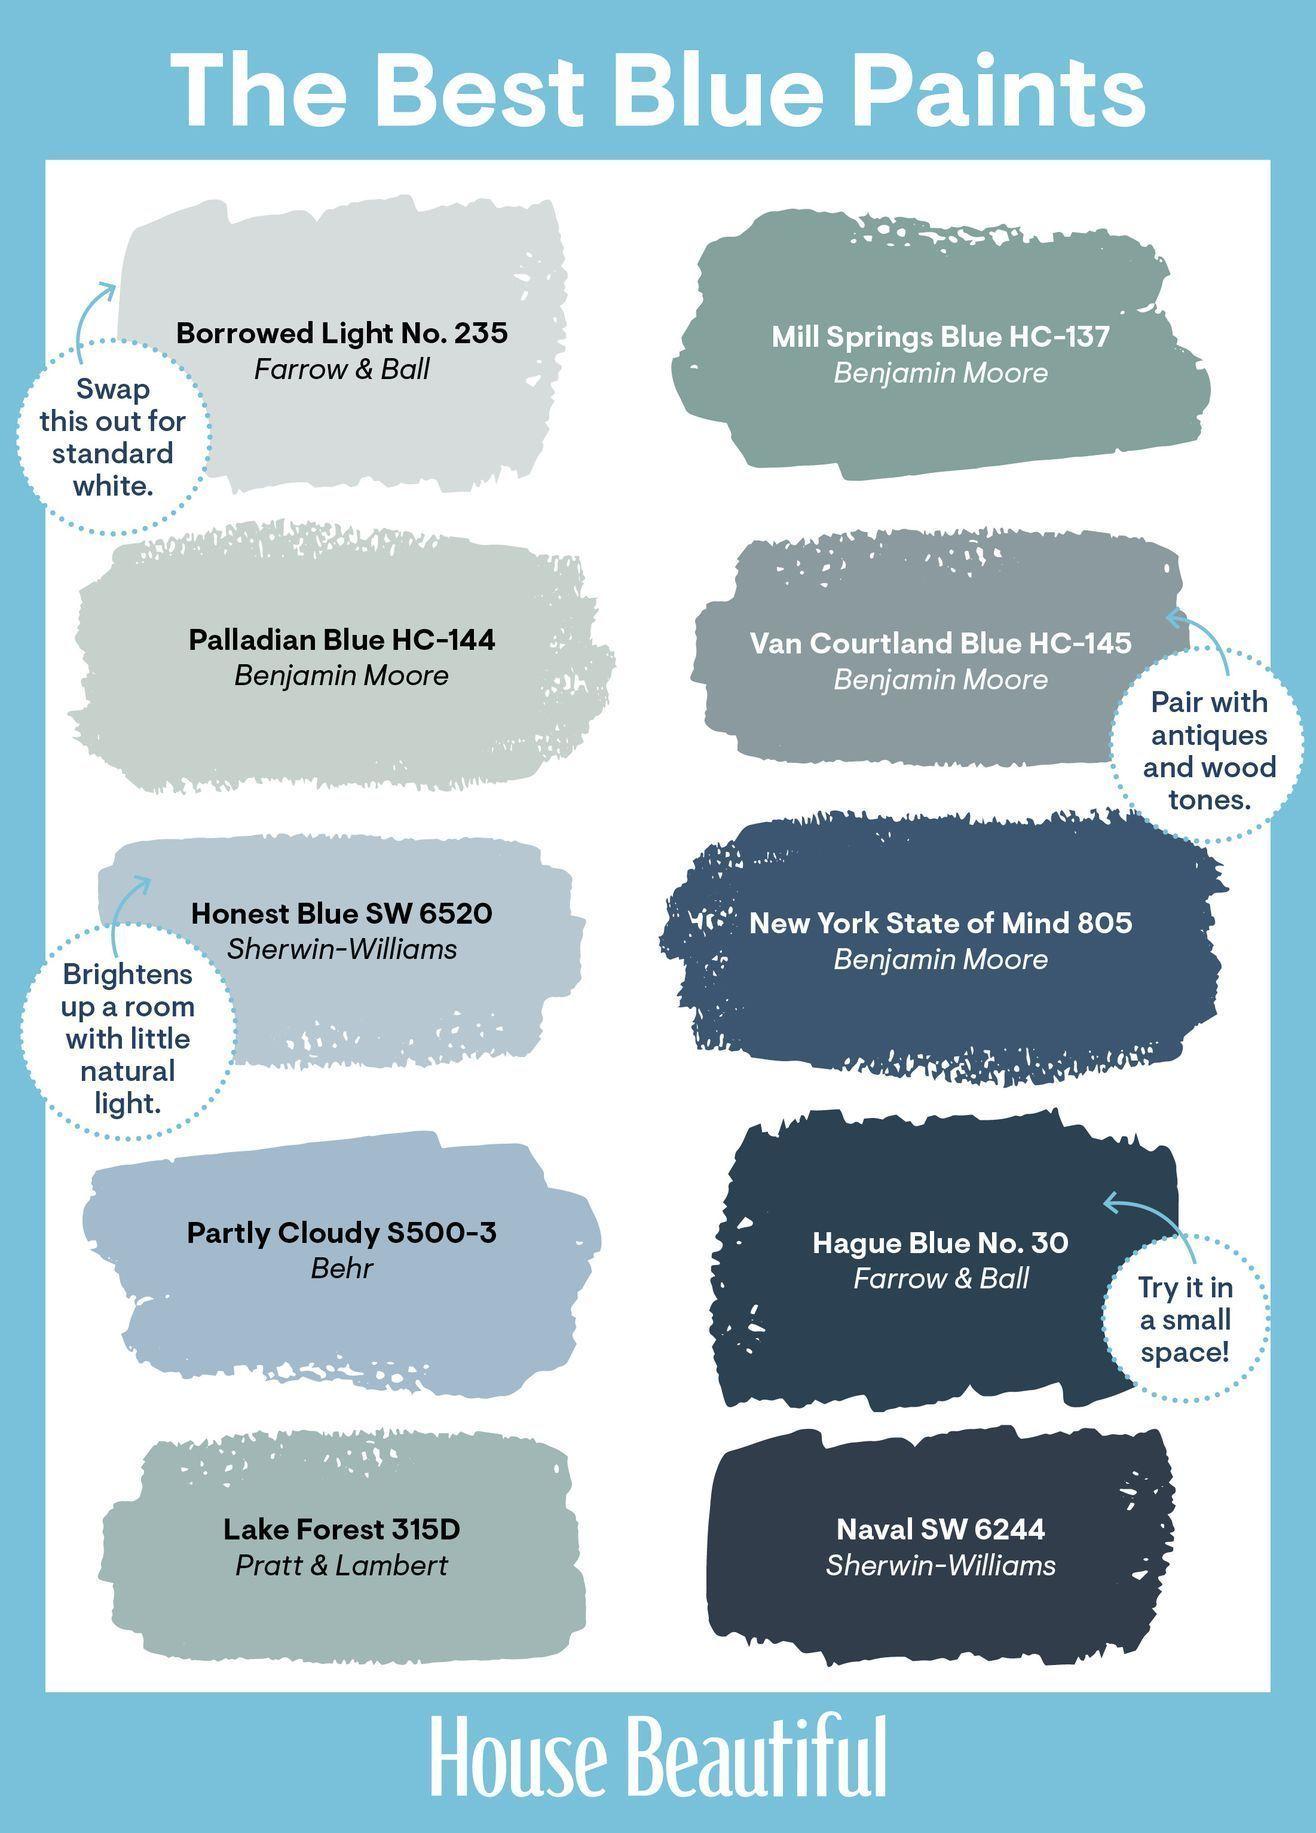 Französisches Dekor #Interior #paint #colors Innenfarben blau, Innenschmerzen ... - #colors #dekor #franzosisches #innenfarben #innenschmerzen #interior #paint - #TopHomeDecorPaintColors